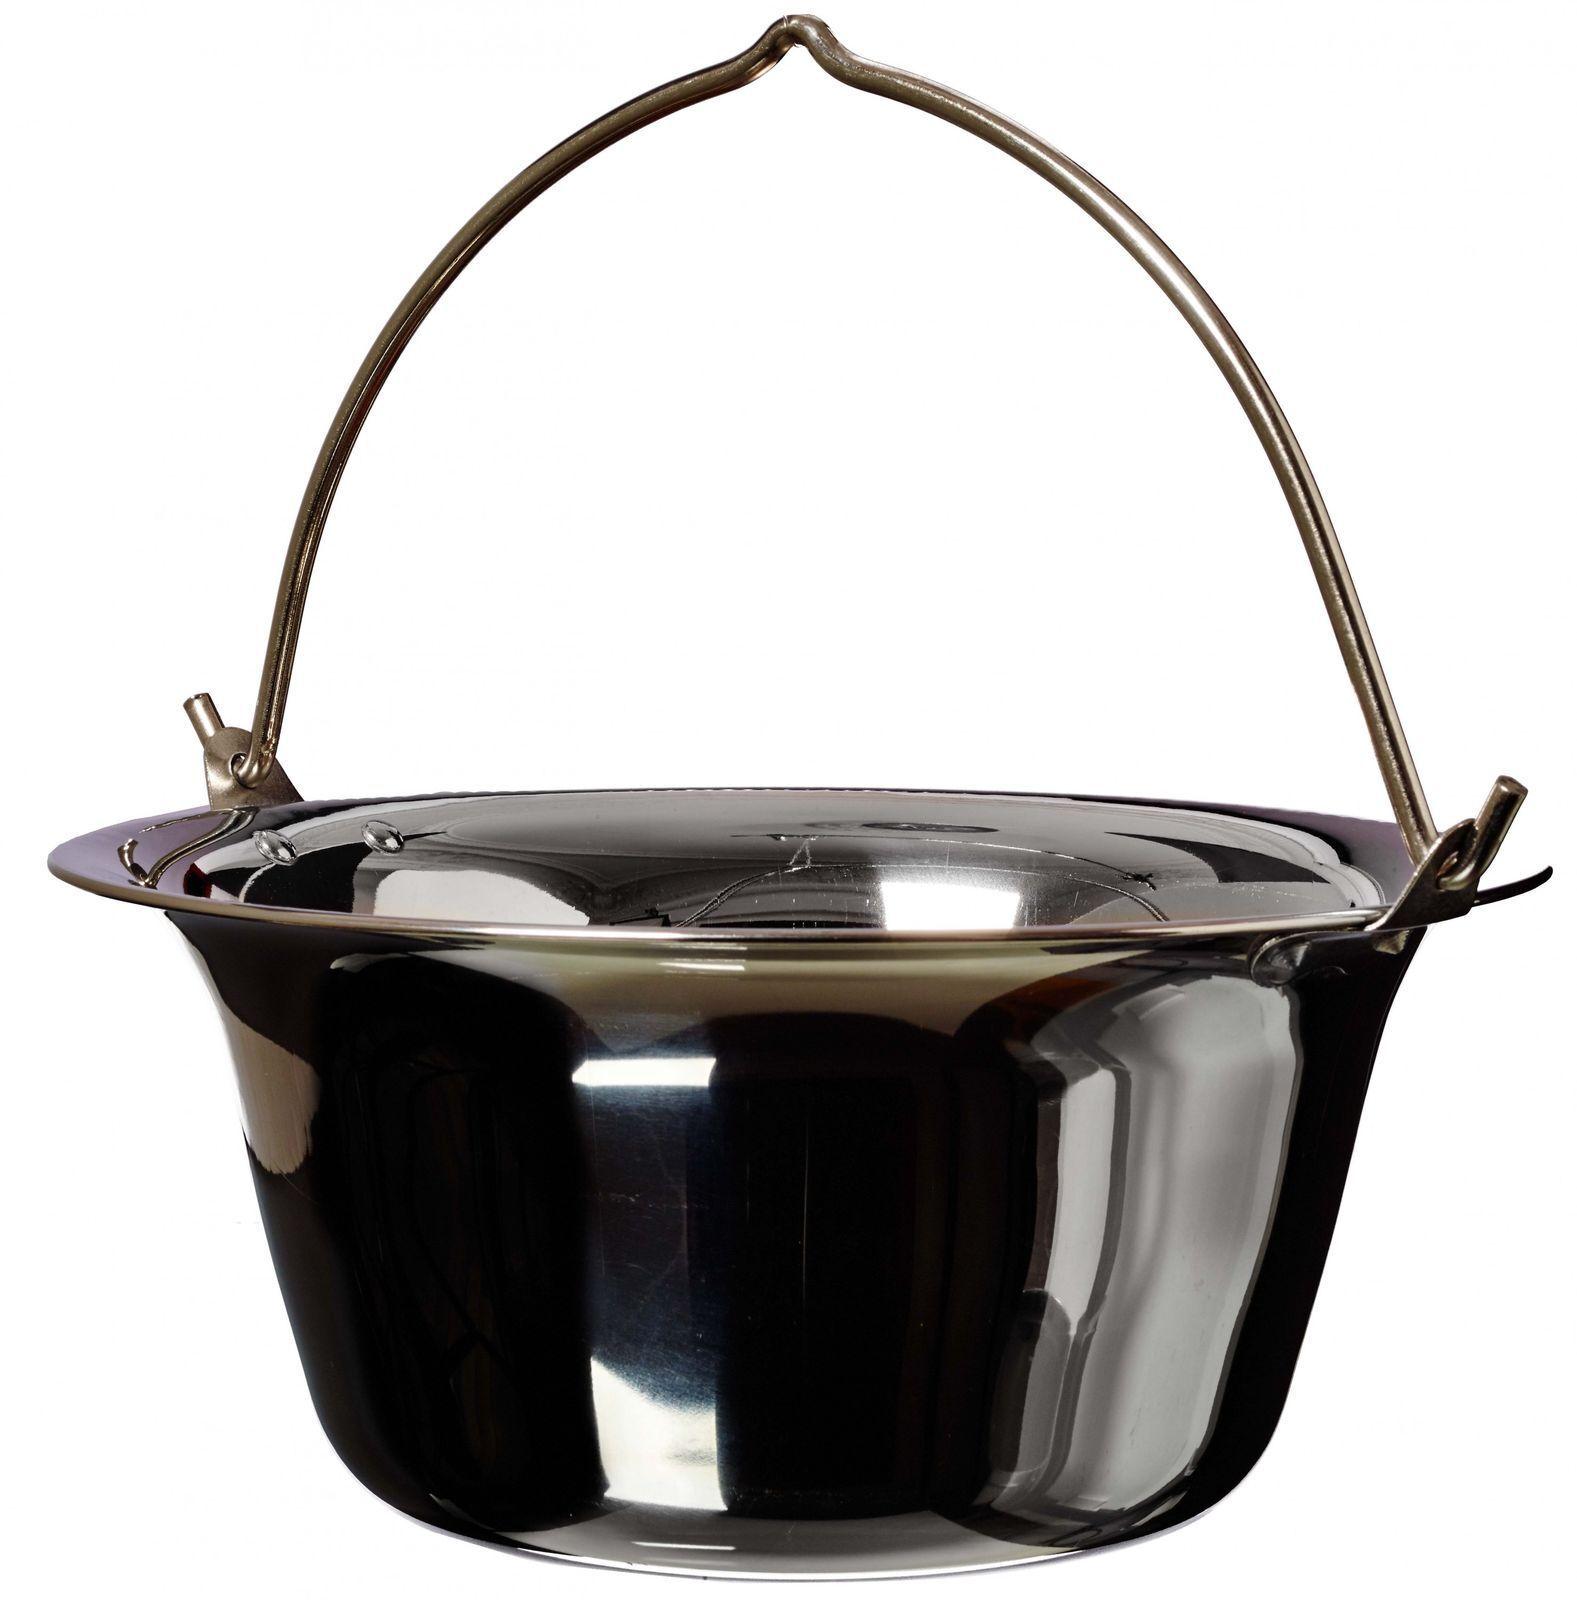 Outdoor-Chaudières Goulasch potage Chaudière, 10 L, acier inoxydable PREMIUM